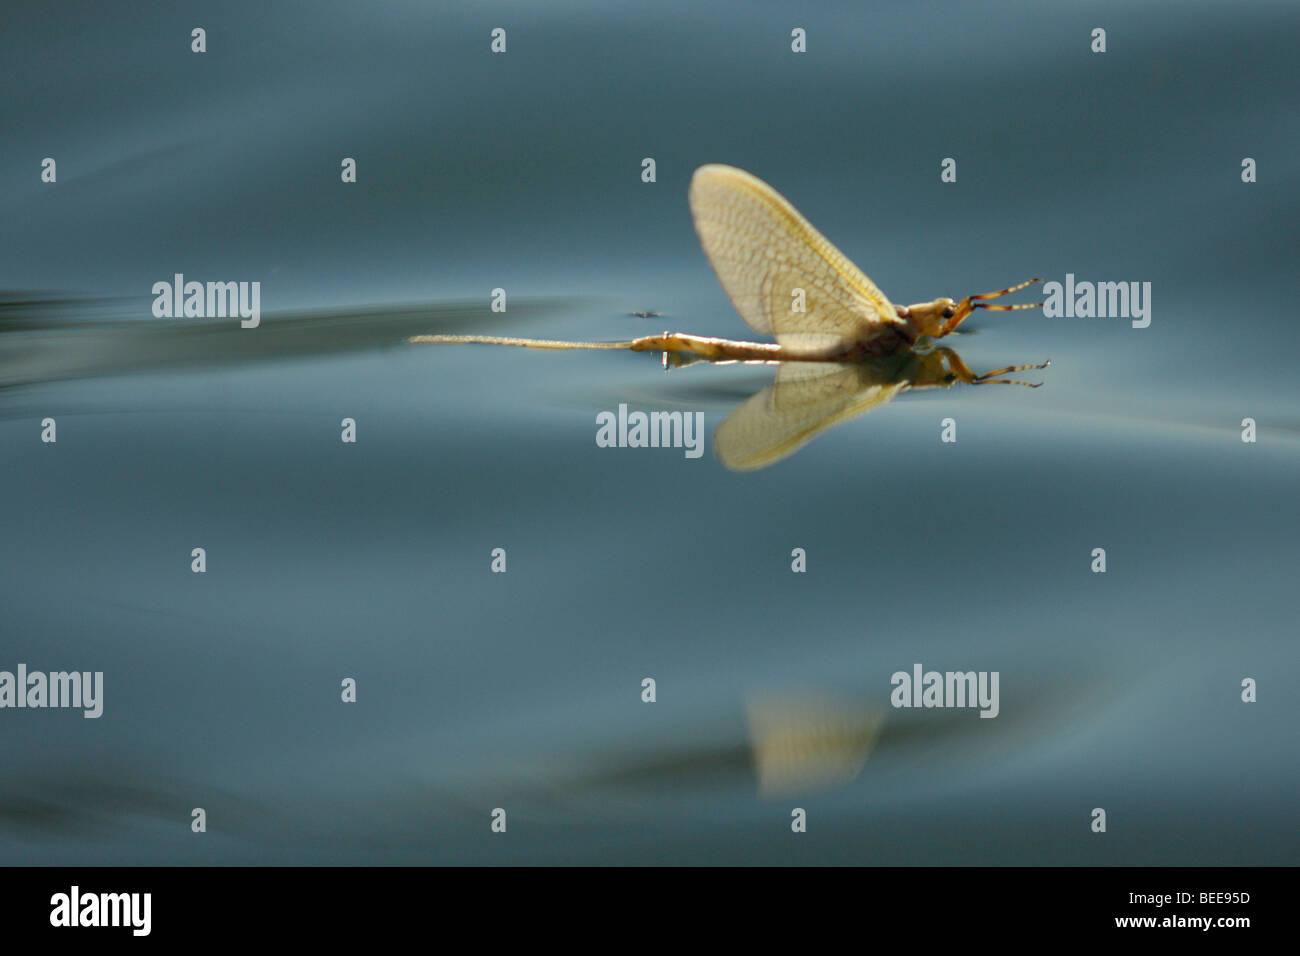 Erwachsenen Eintagsfliege auf dem Wasser Stockbild